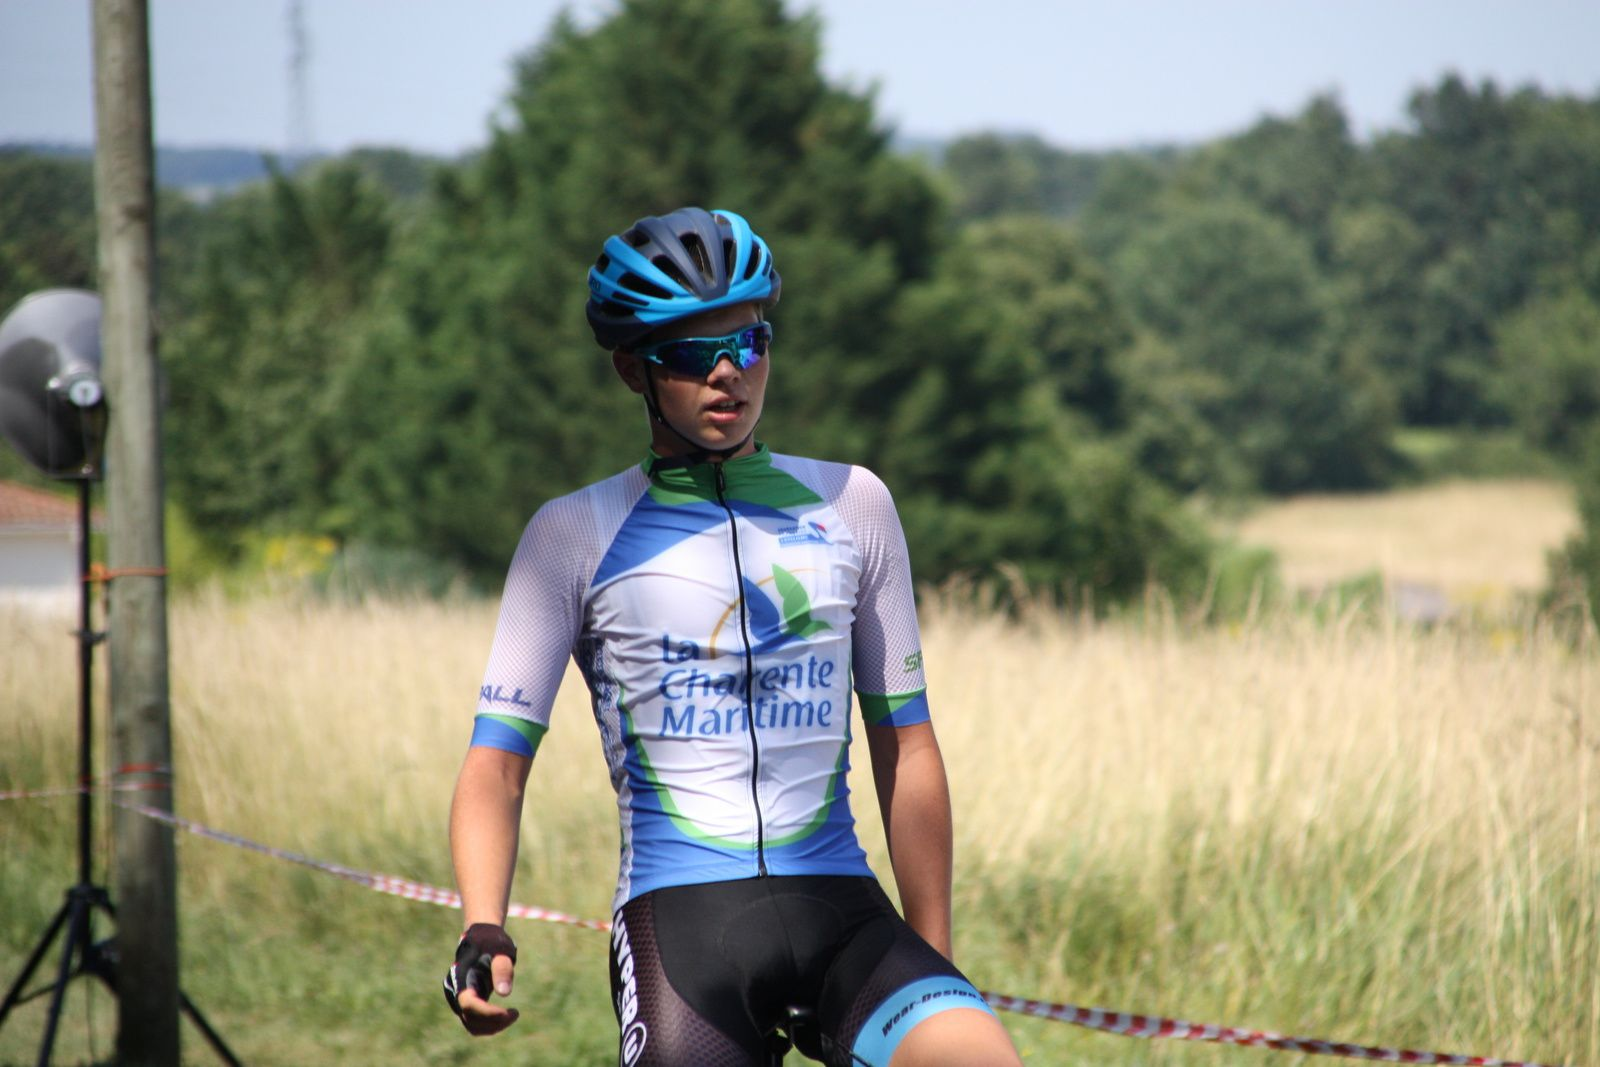 L'arrivée  et  la  victoire  en  solitaire  pour  Grégory  POUVREAULT(VC  Saintes)  avec  pratiquement  1  tour  d'avance  sur  tous  les  autres  coureurs